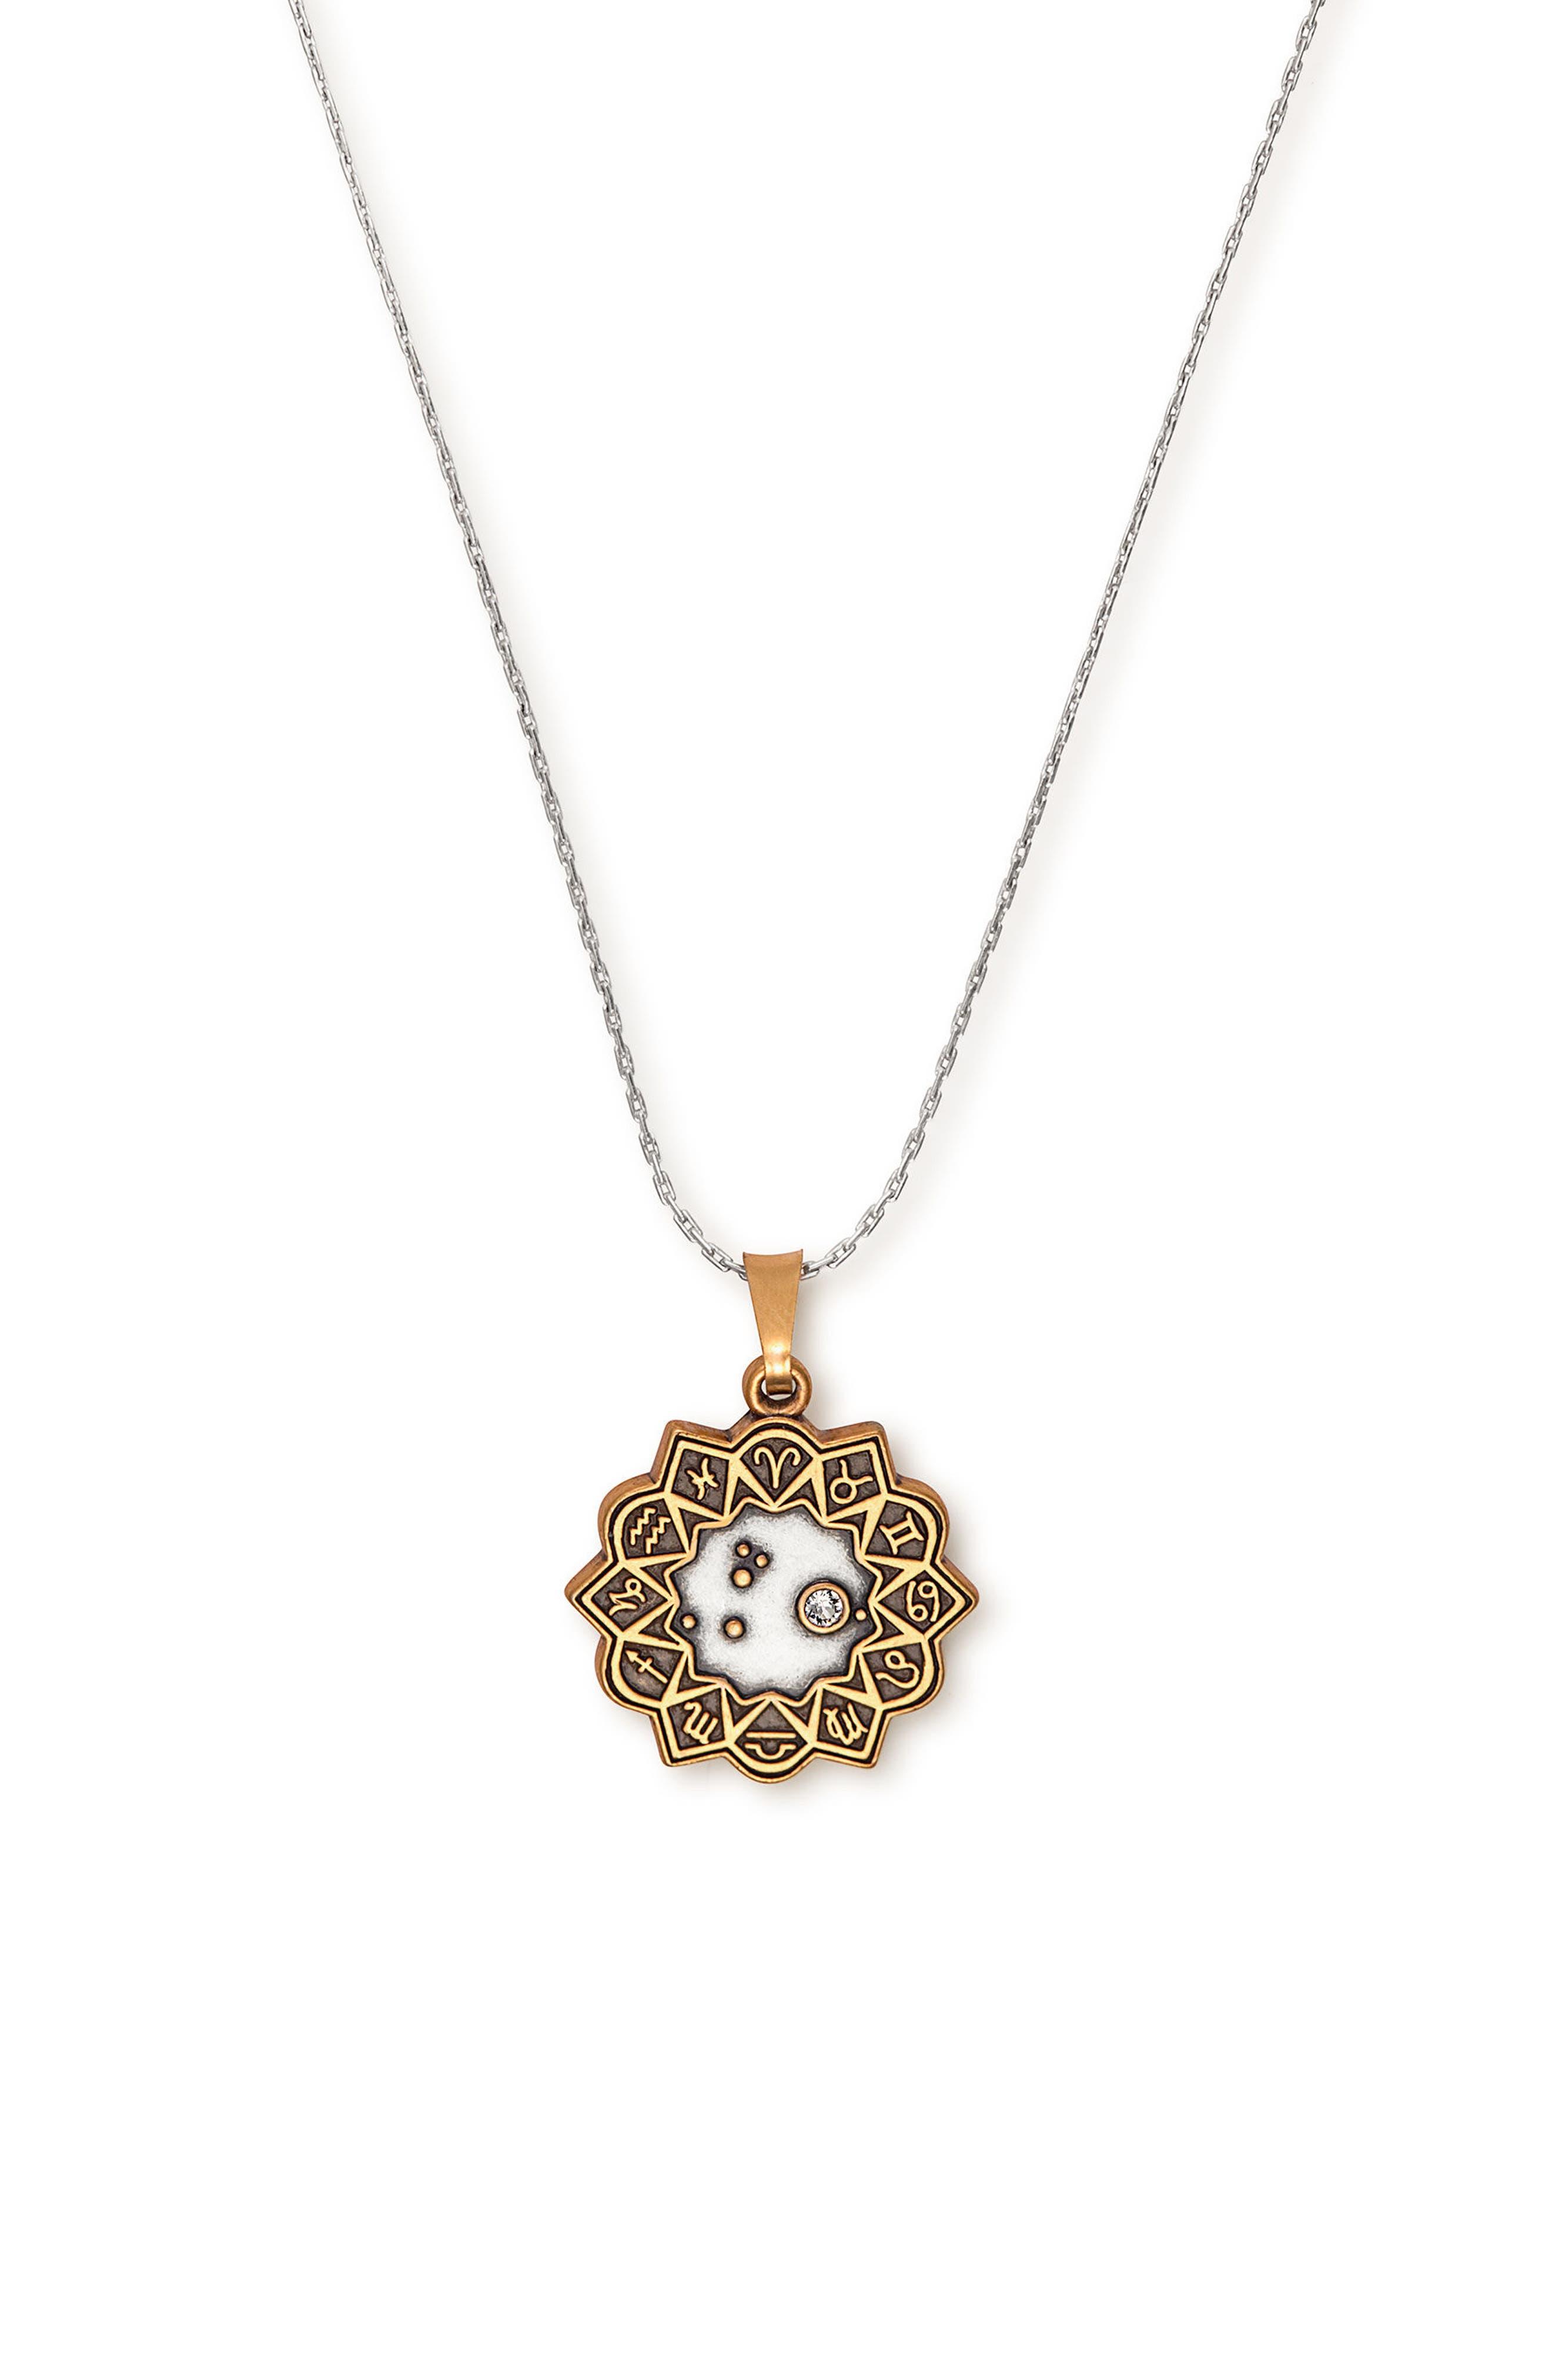 Aries Expandable Pendant Necklace,                             Main thumbnail 1, color,                             040